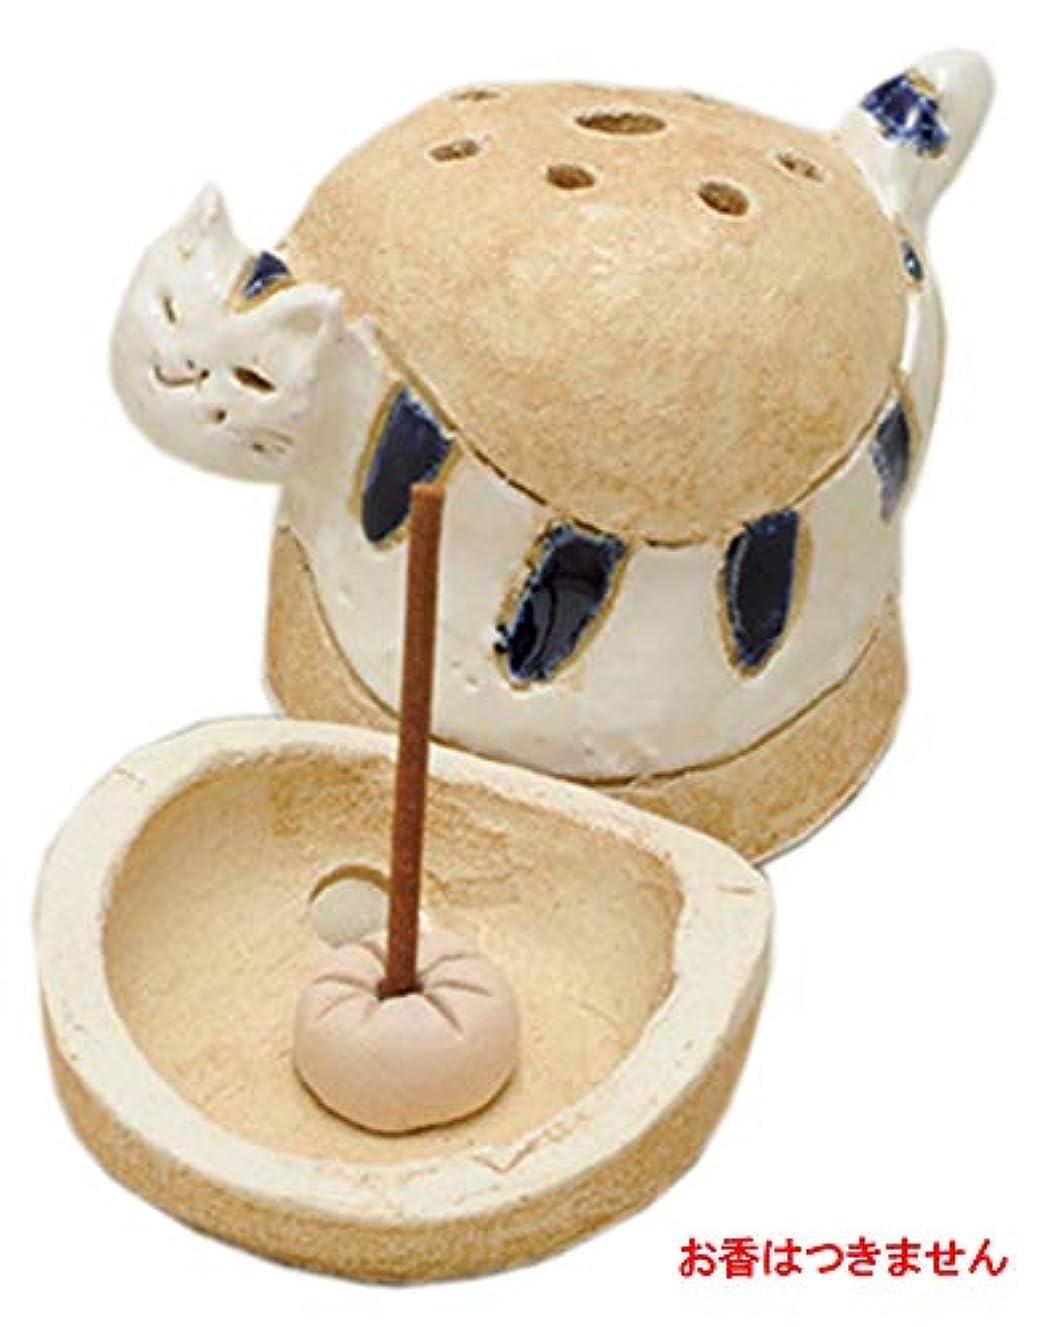 ミス状出撃者島ねこ 島しまネコ 香炉(青) [R5.5xH8cm] HANDMADE プレゼント ギフト 和食器 かわいい インテリア